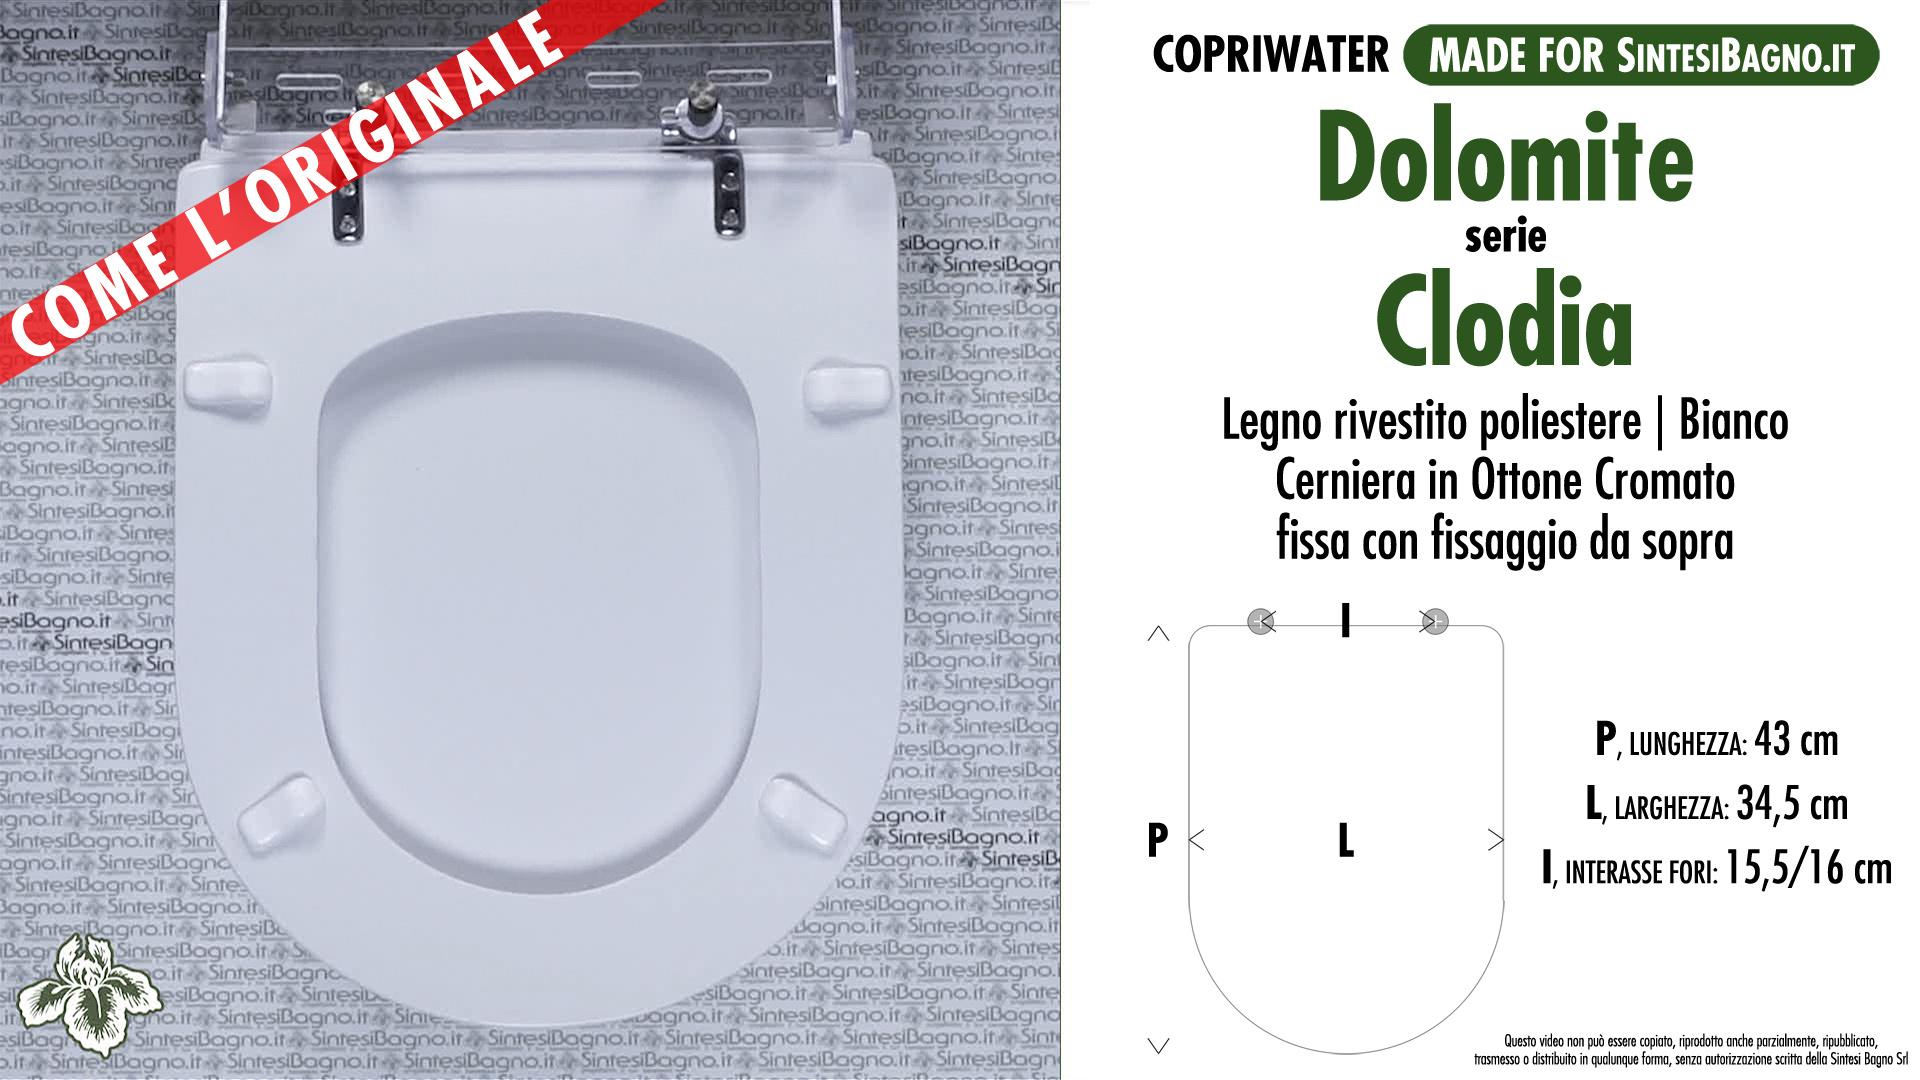 Sedile Wc Dolomite Clodia Prezzo.Copriwater Per Wc Clodia Dolomite Ricambio Come L Originale Legno Rivestito Sintesibagno Shop Online